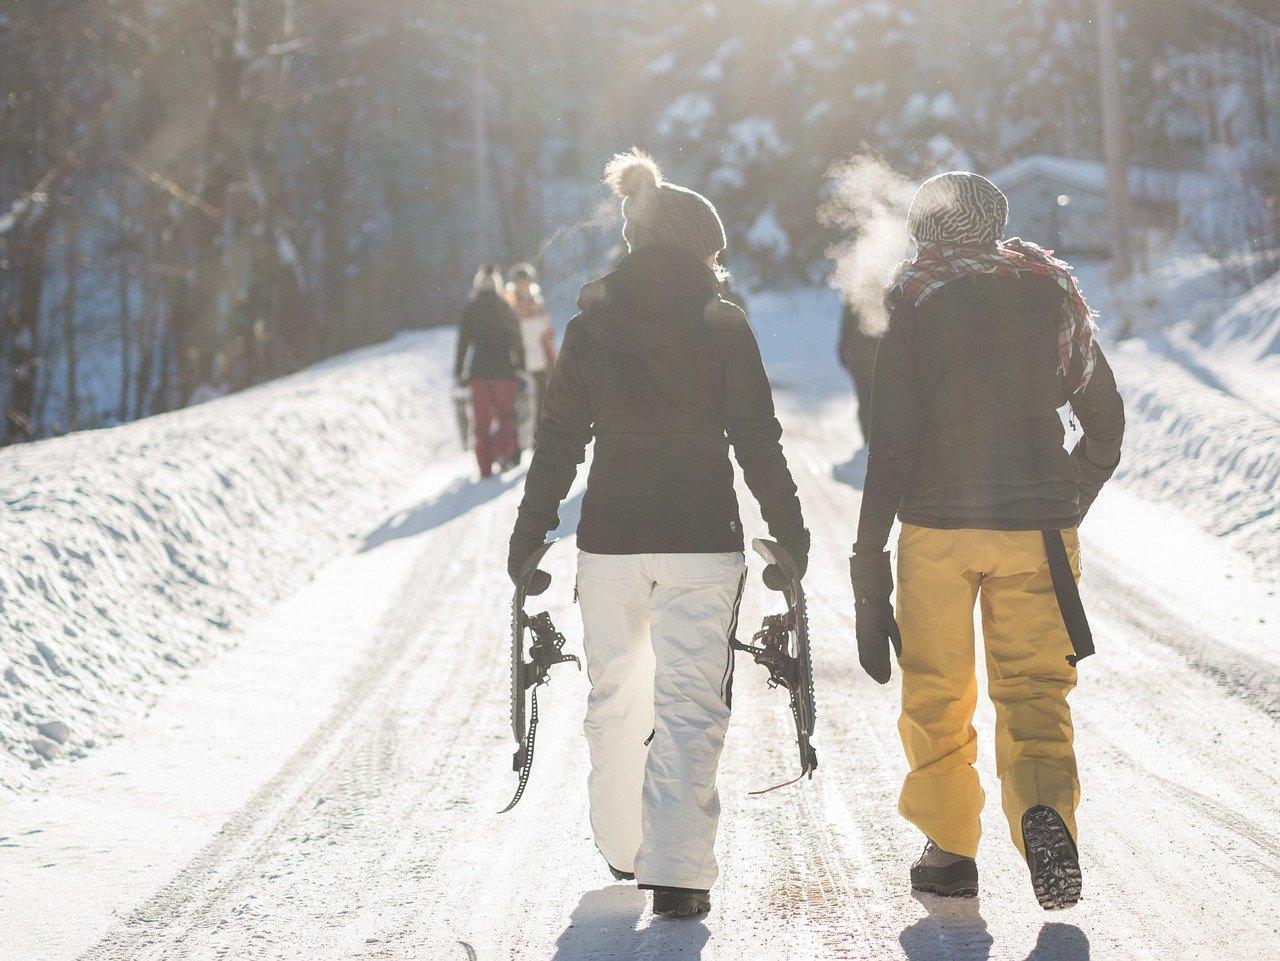 Schneeschuhe Schneewanderung frische Luft Sonnenschein auf Schnee